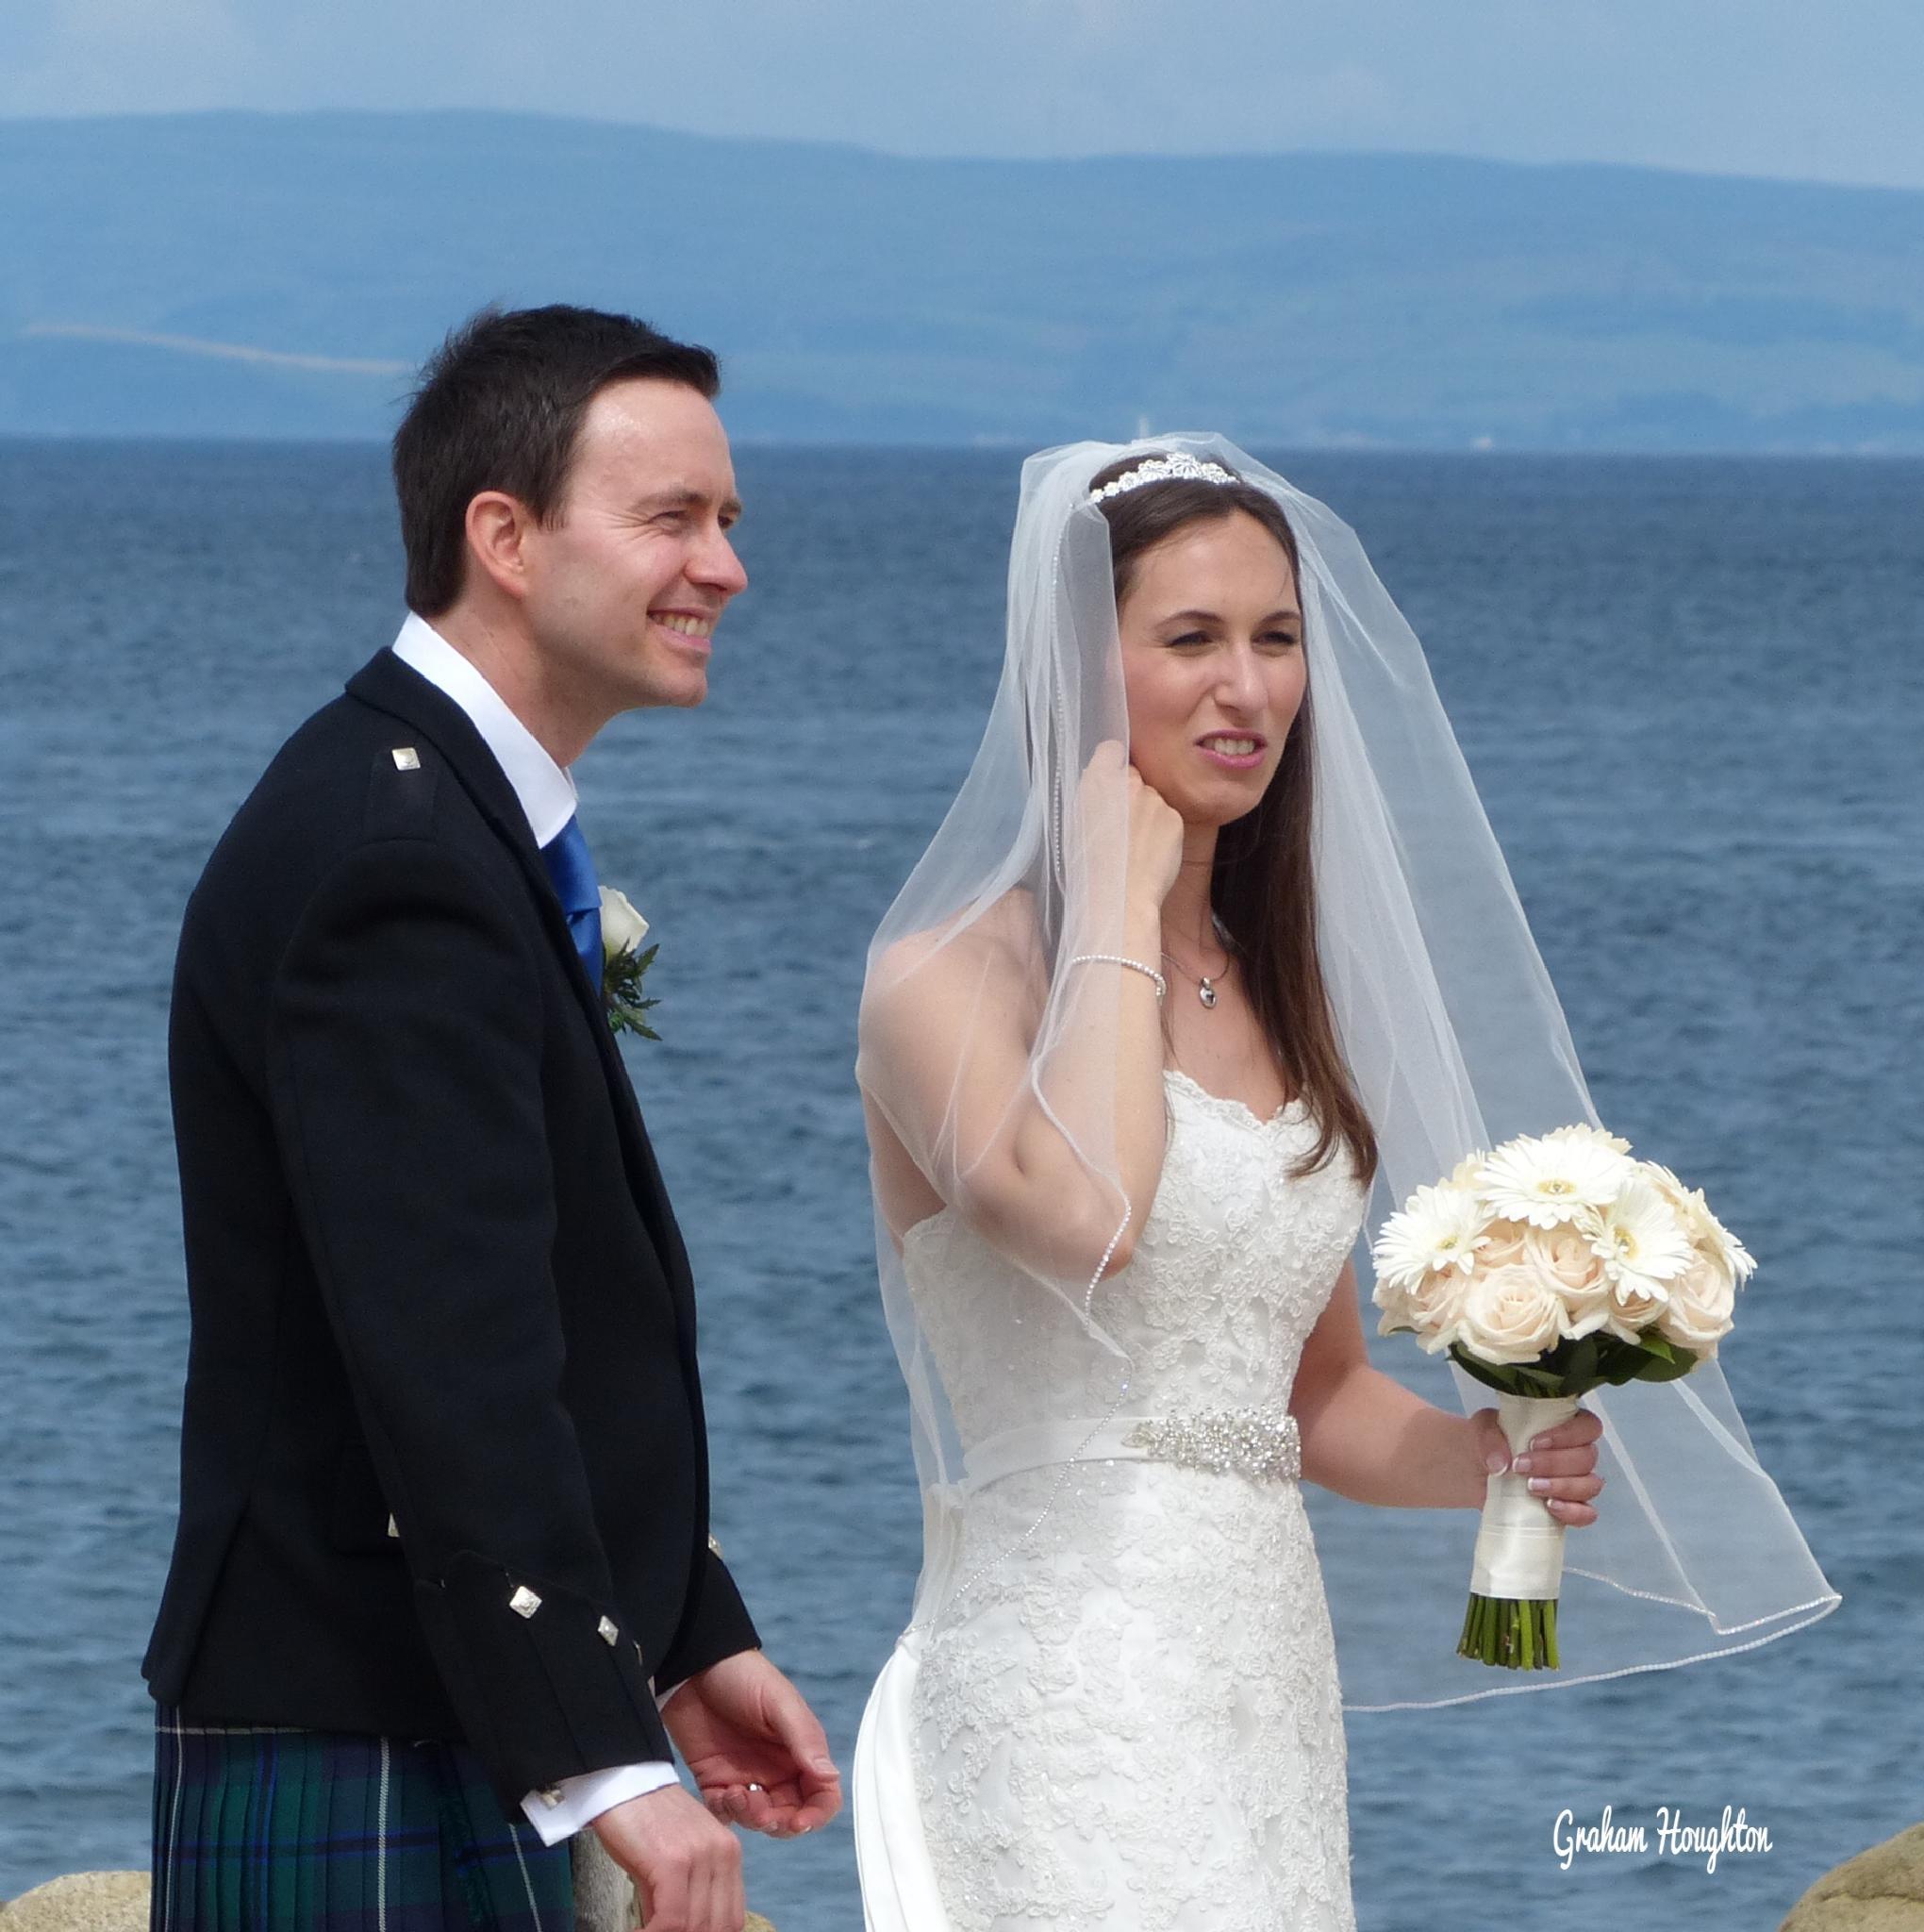 Scottish wedding by Graham Houghton